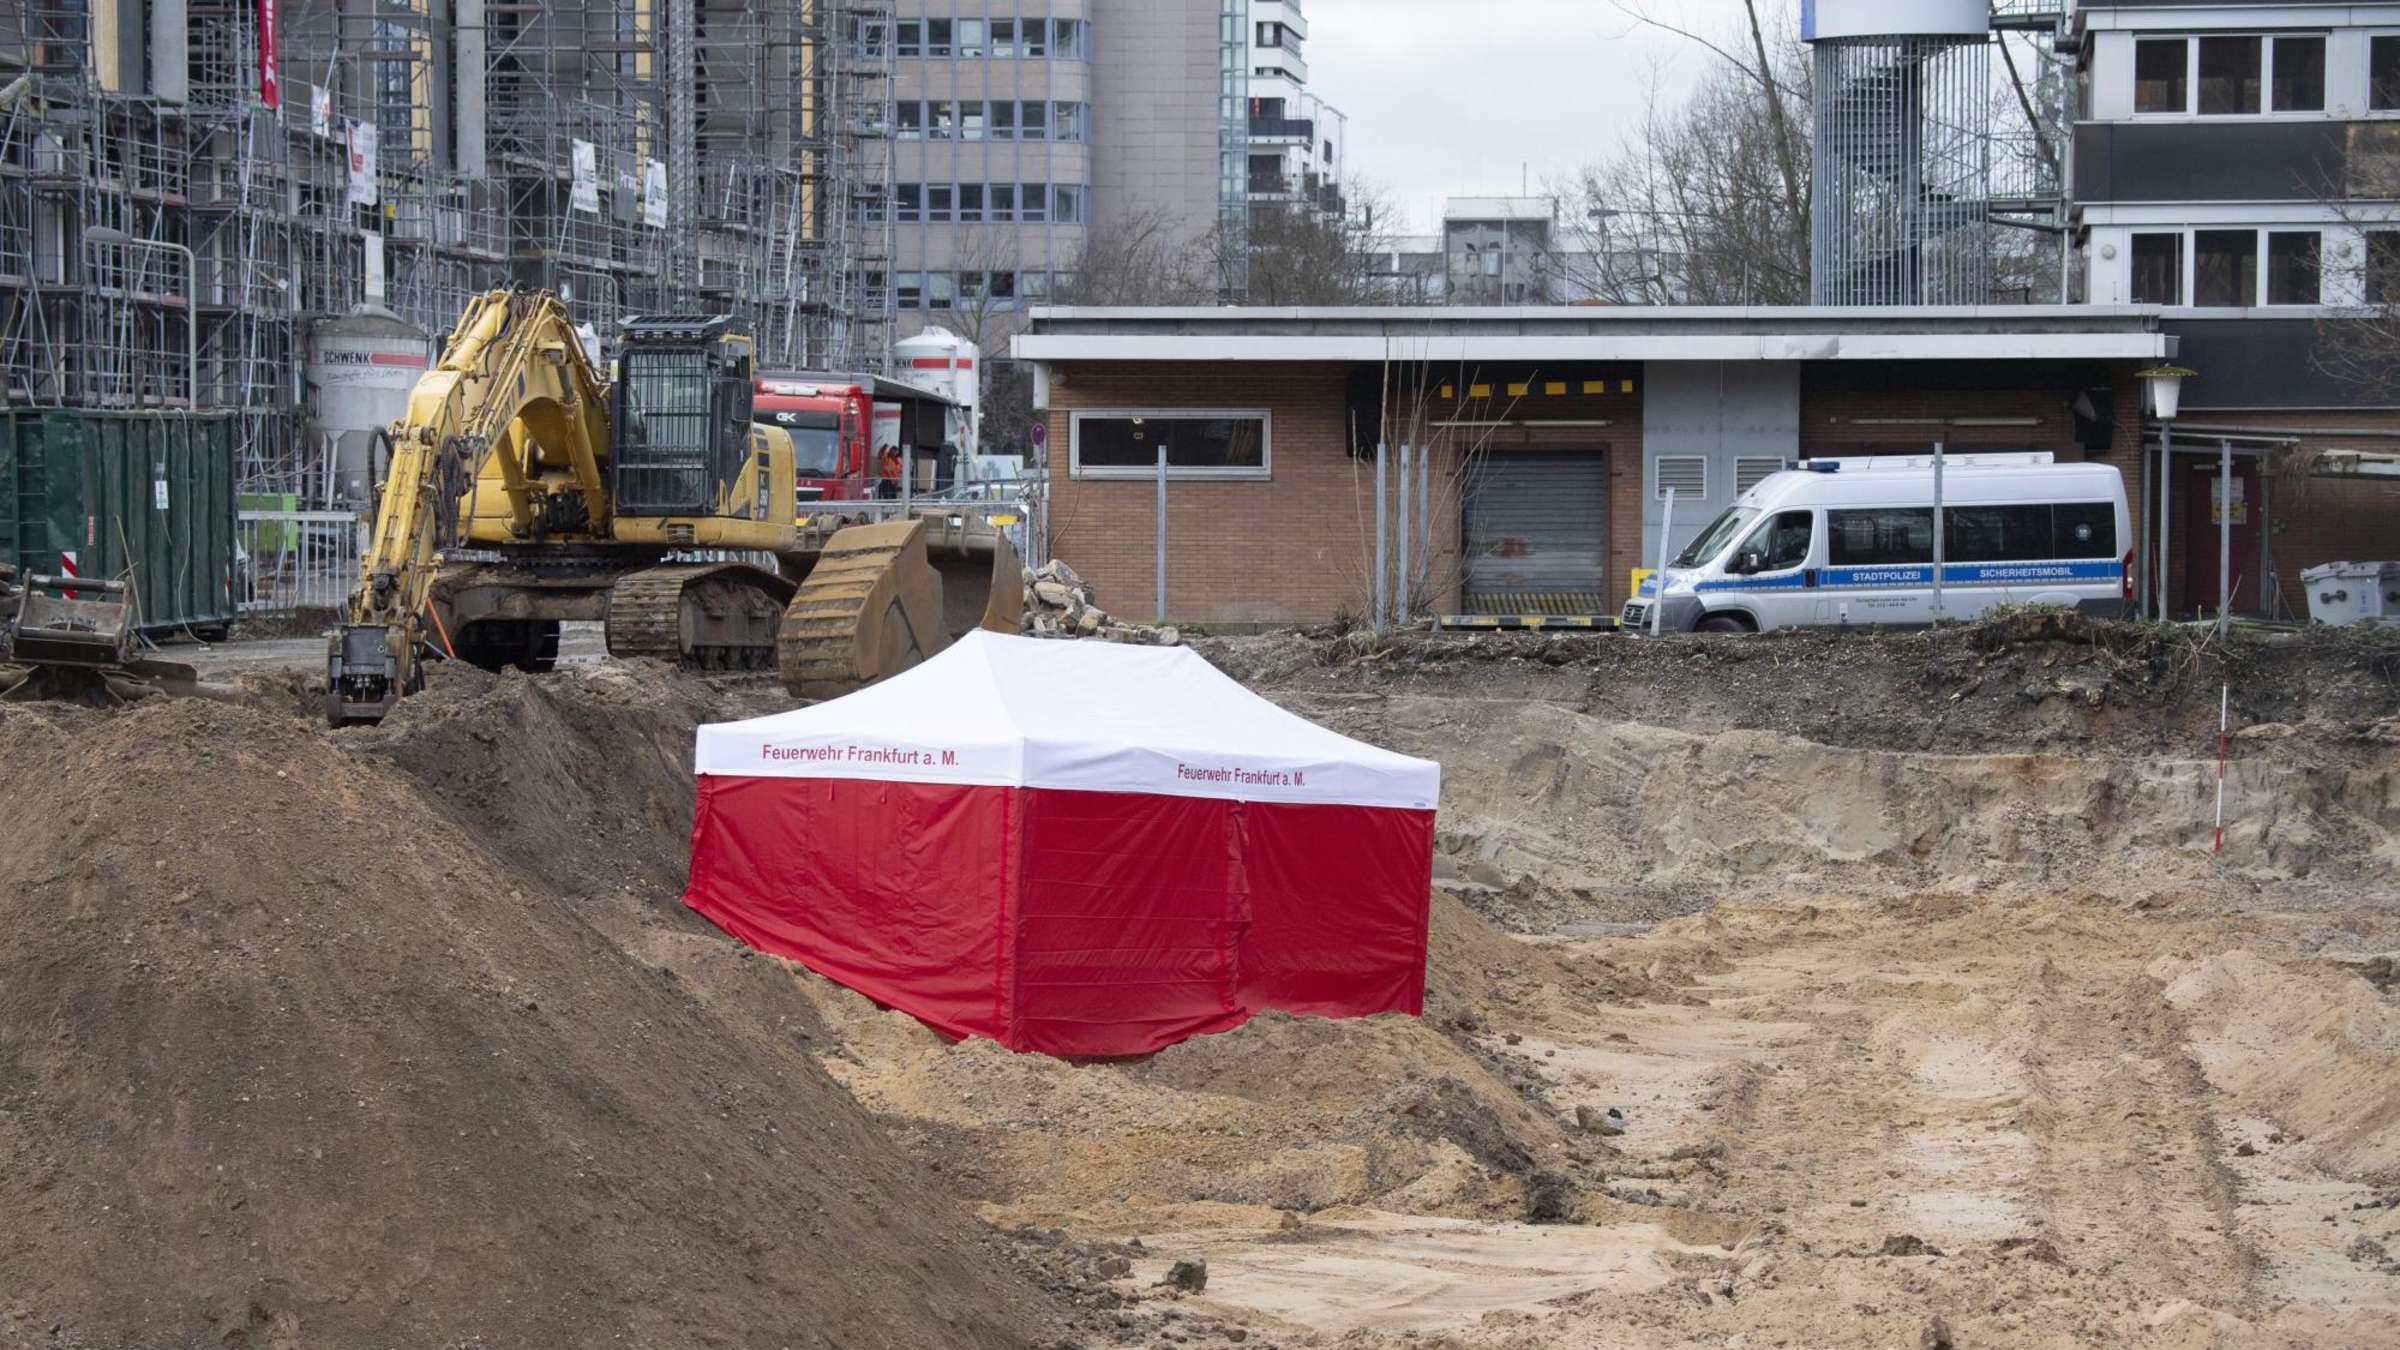 Bildergebnis für Bombenentschärfung in Frankfurt-Niederrad geplant